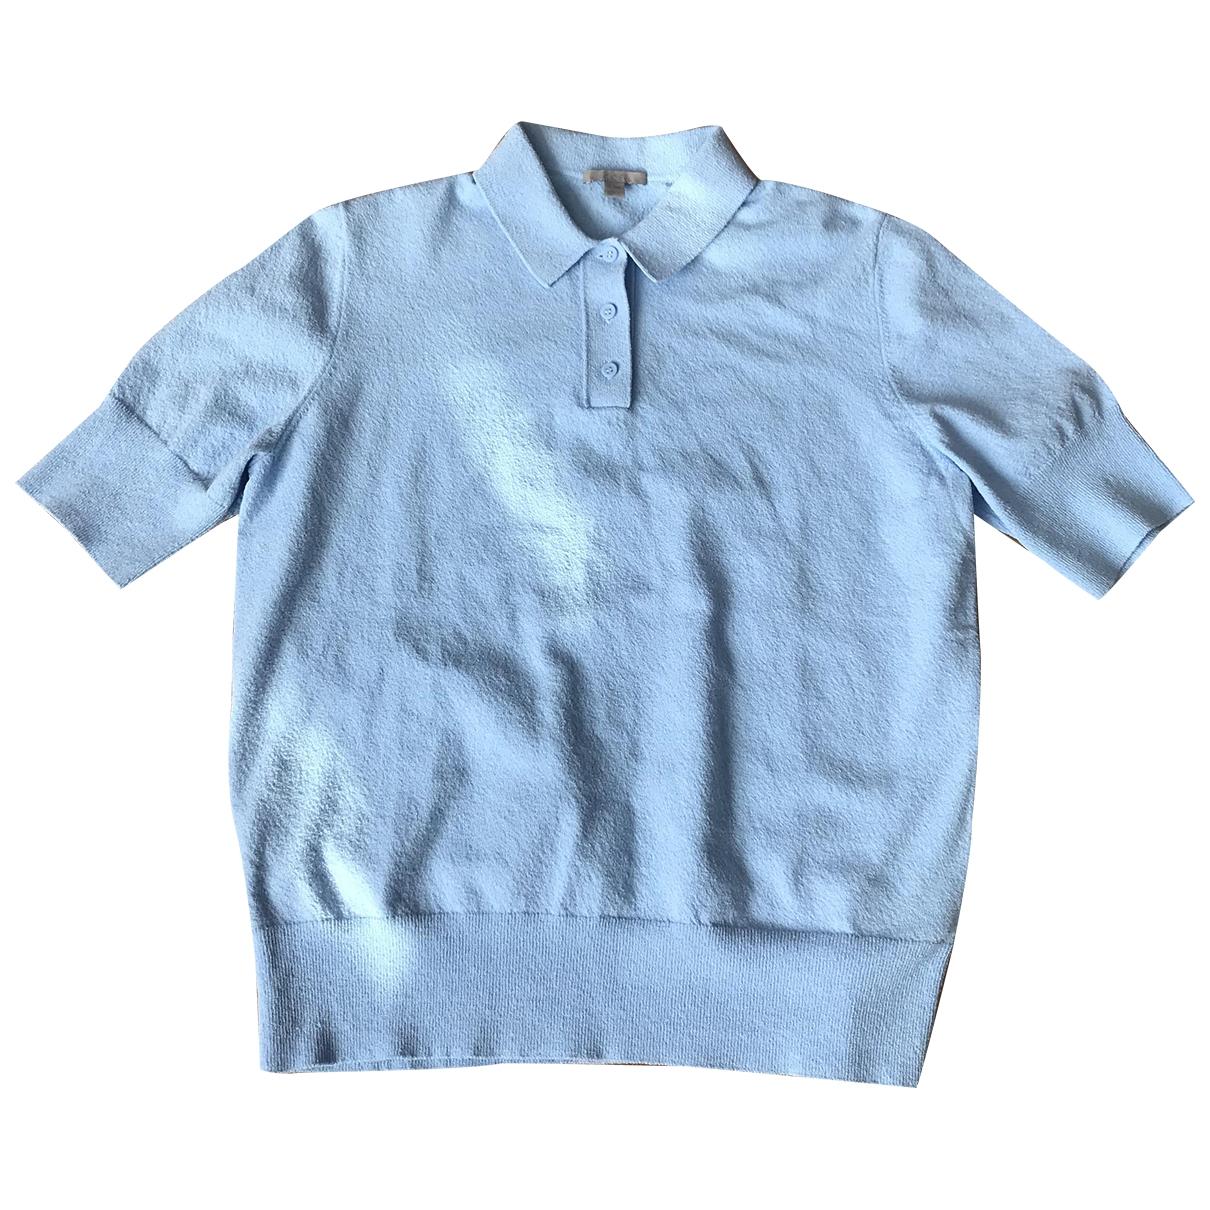 Cos \N Pullover in  Blau Baumwolle